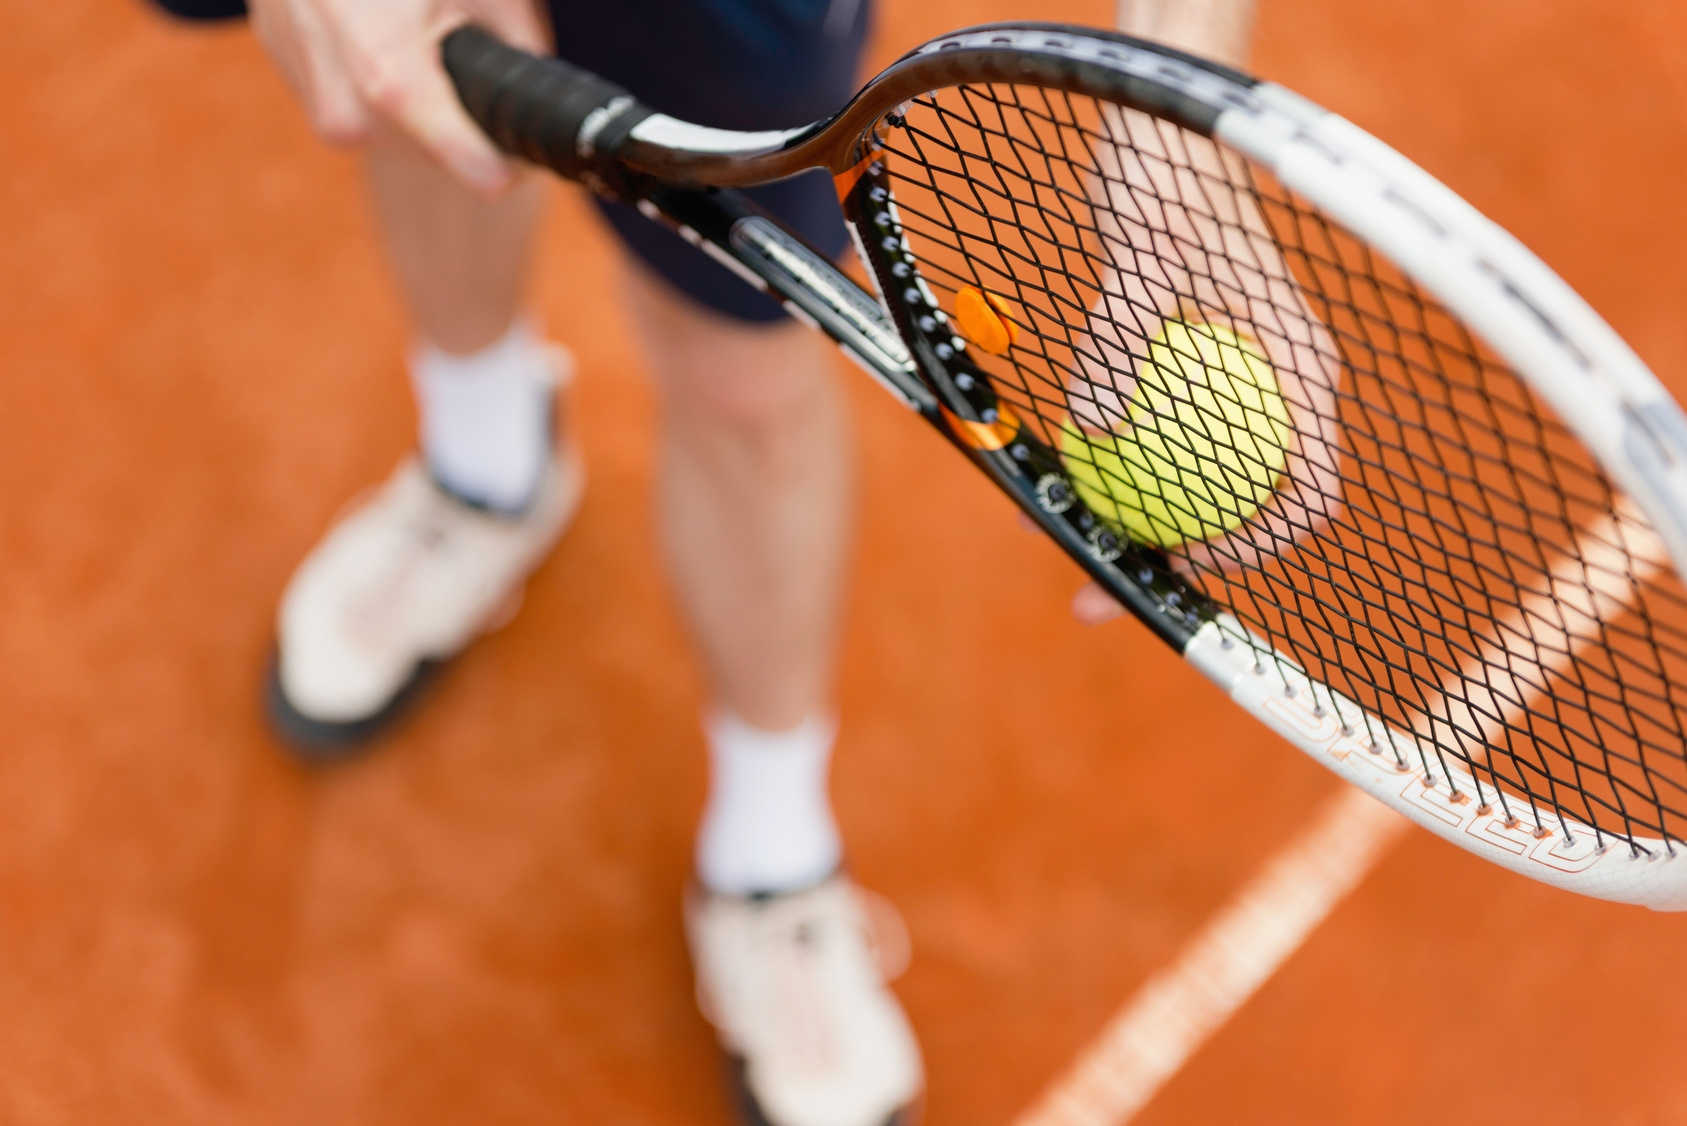 Novak Dźoković faworytem bukmacherów w nadchodzącym US Open 2019